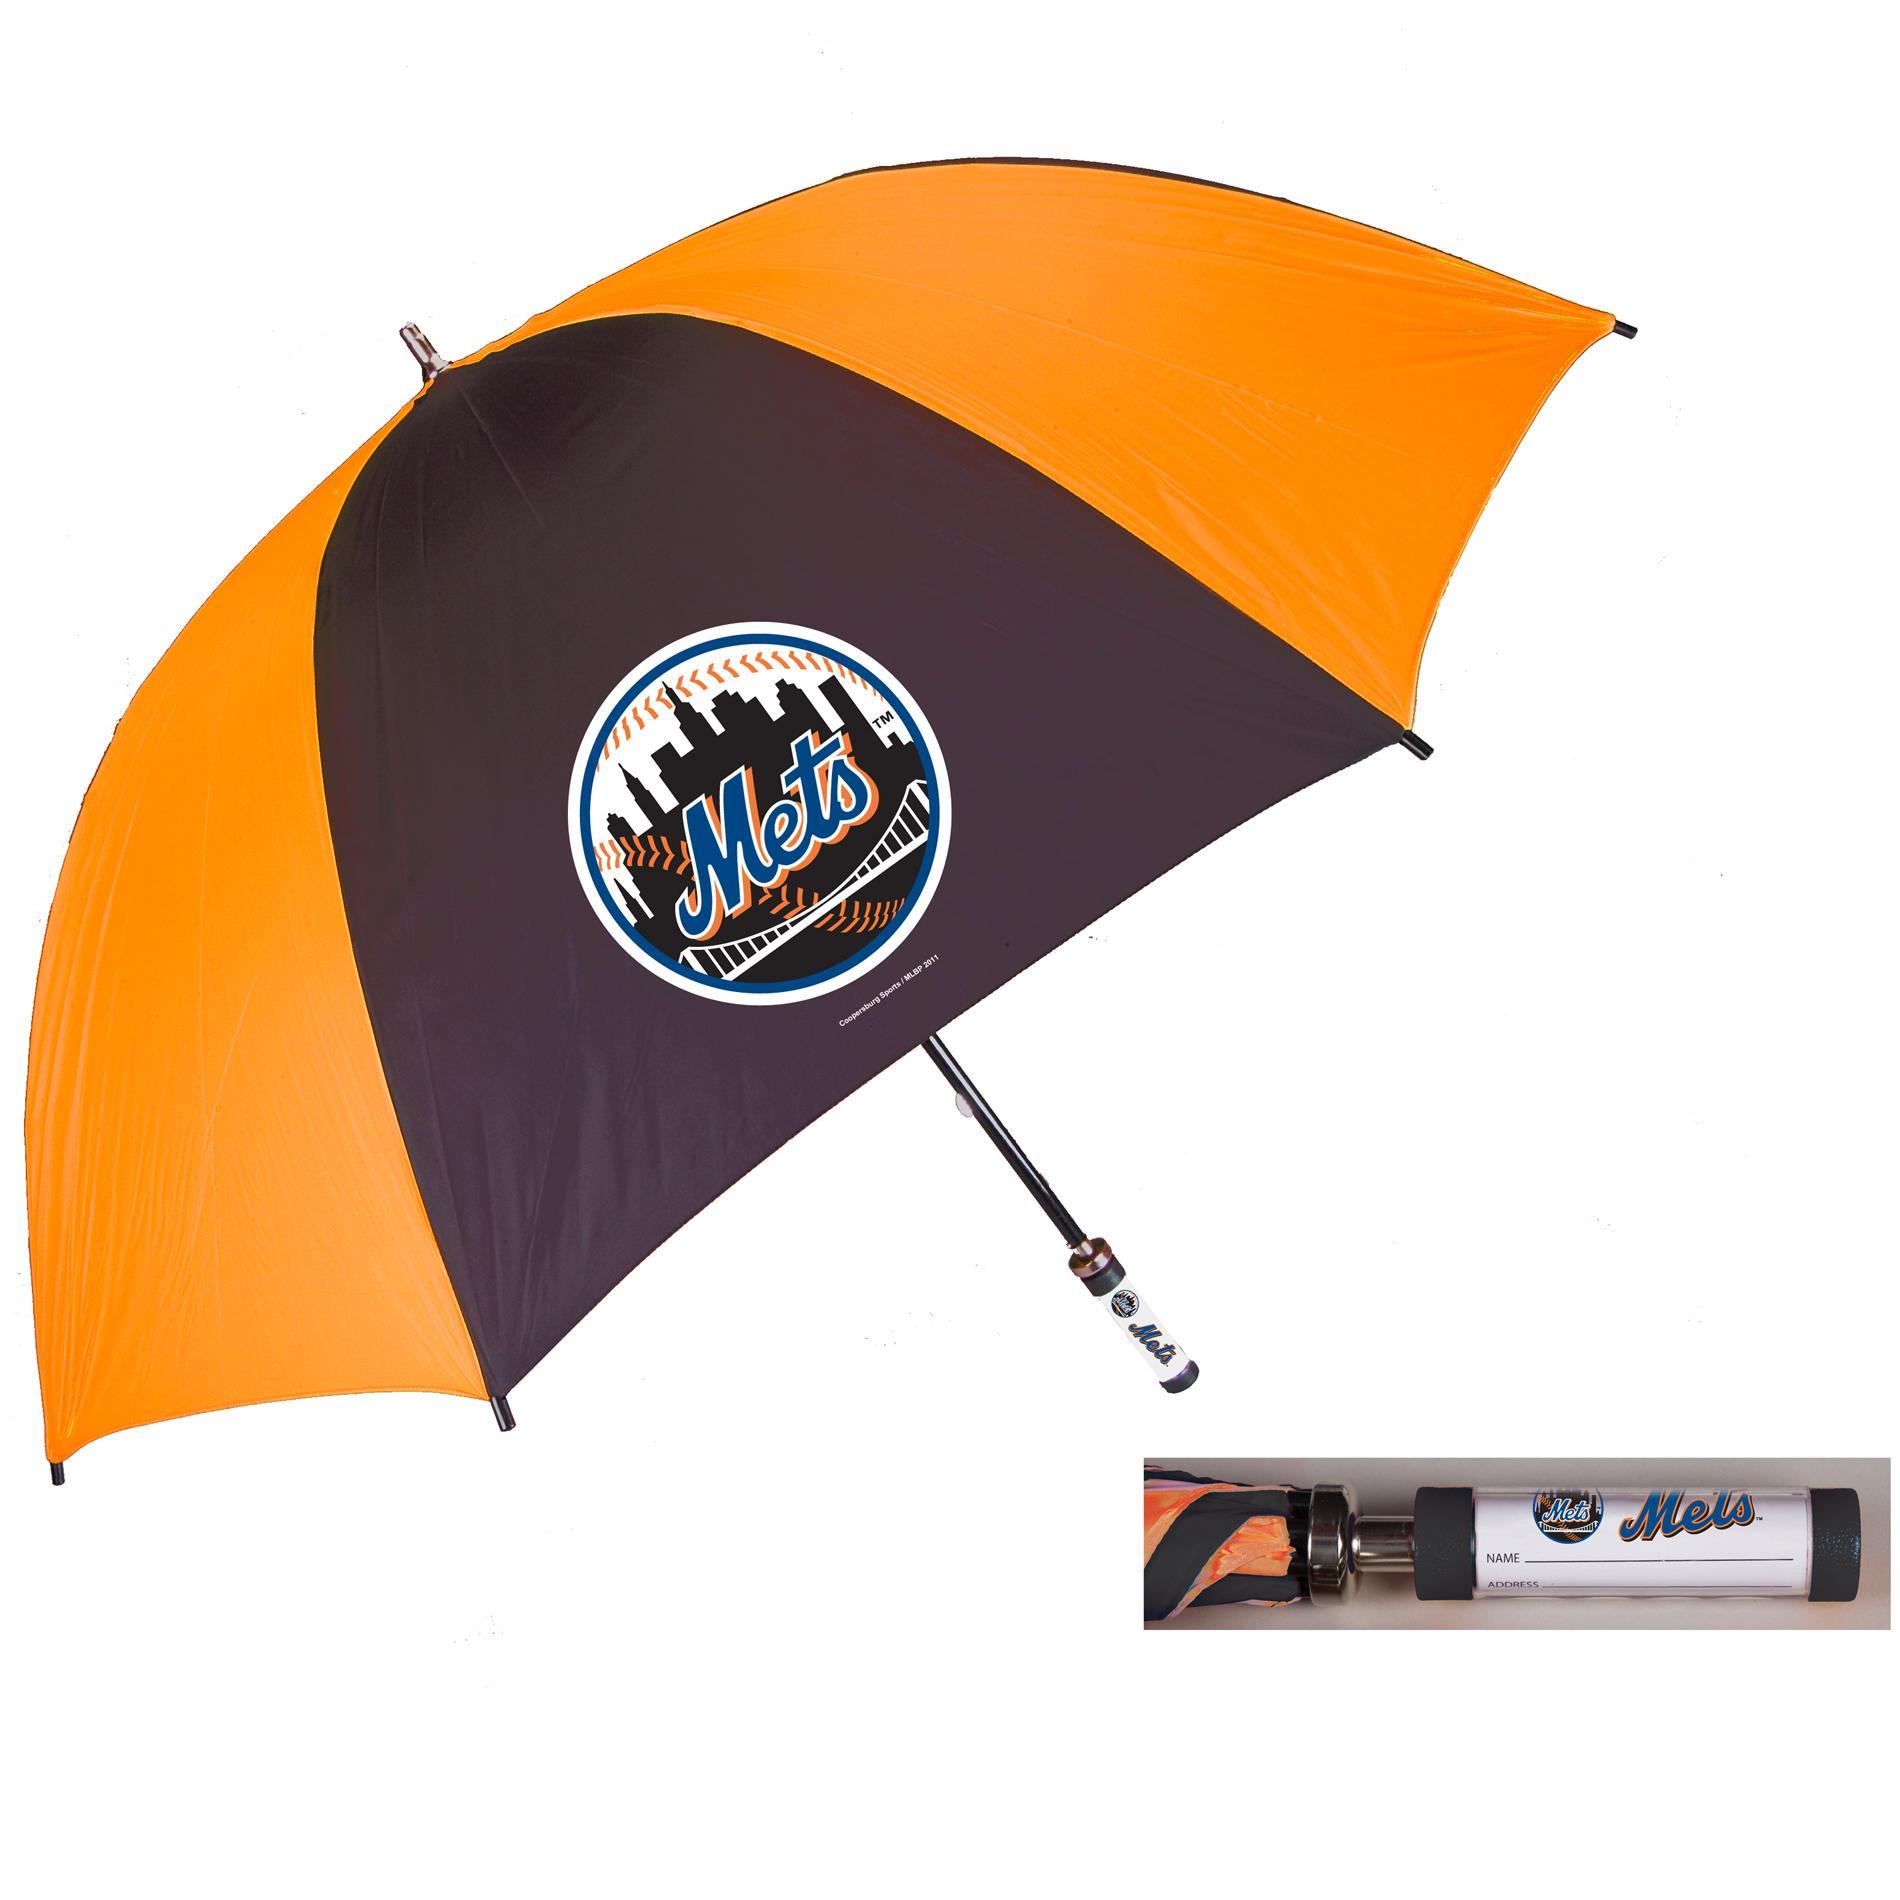 Coopersburg 62-in New York Mets Golf Umbrella